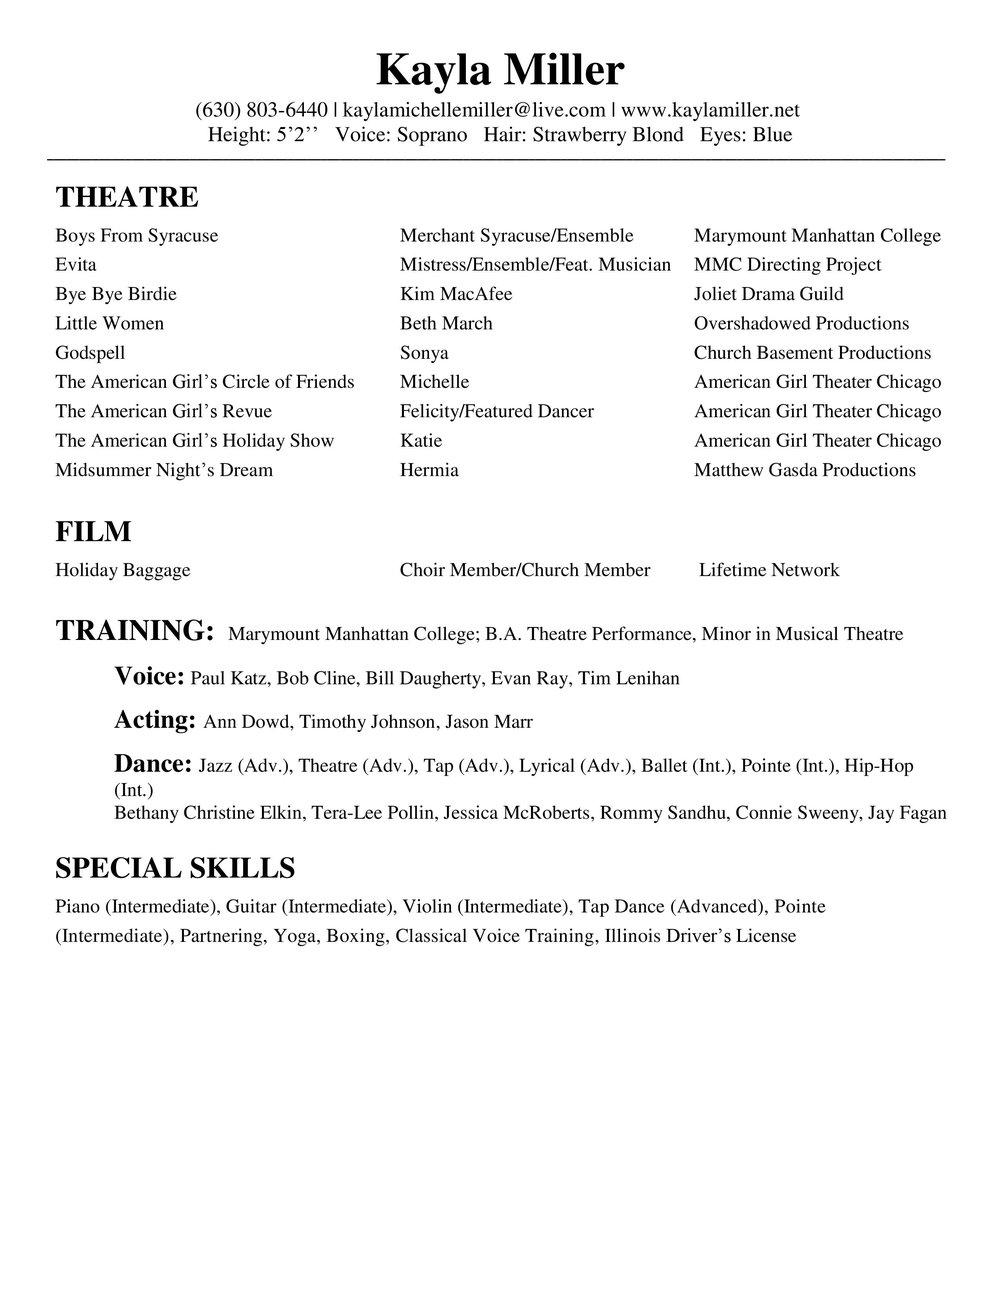 Kayla Miller - P Resume-page-001.jpg